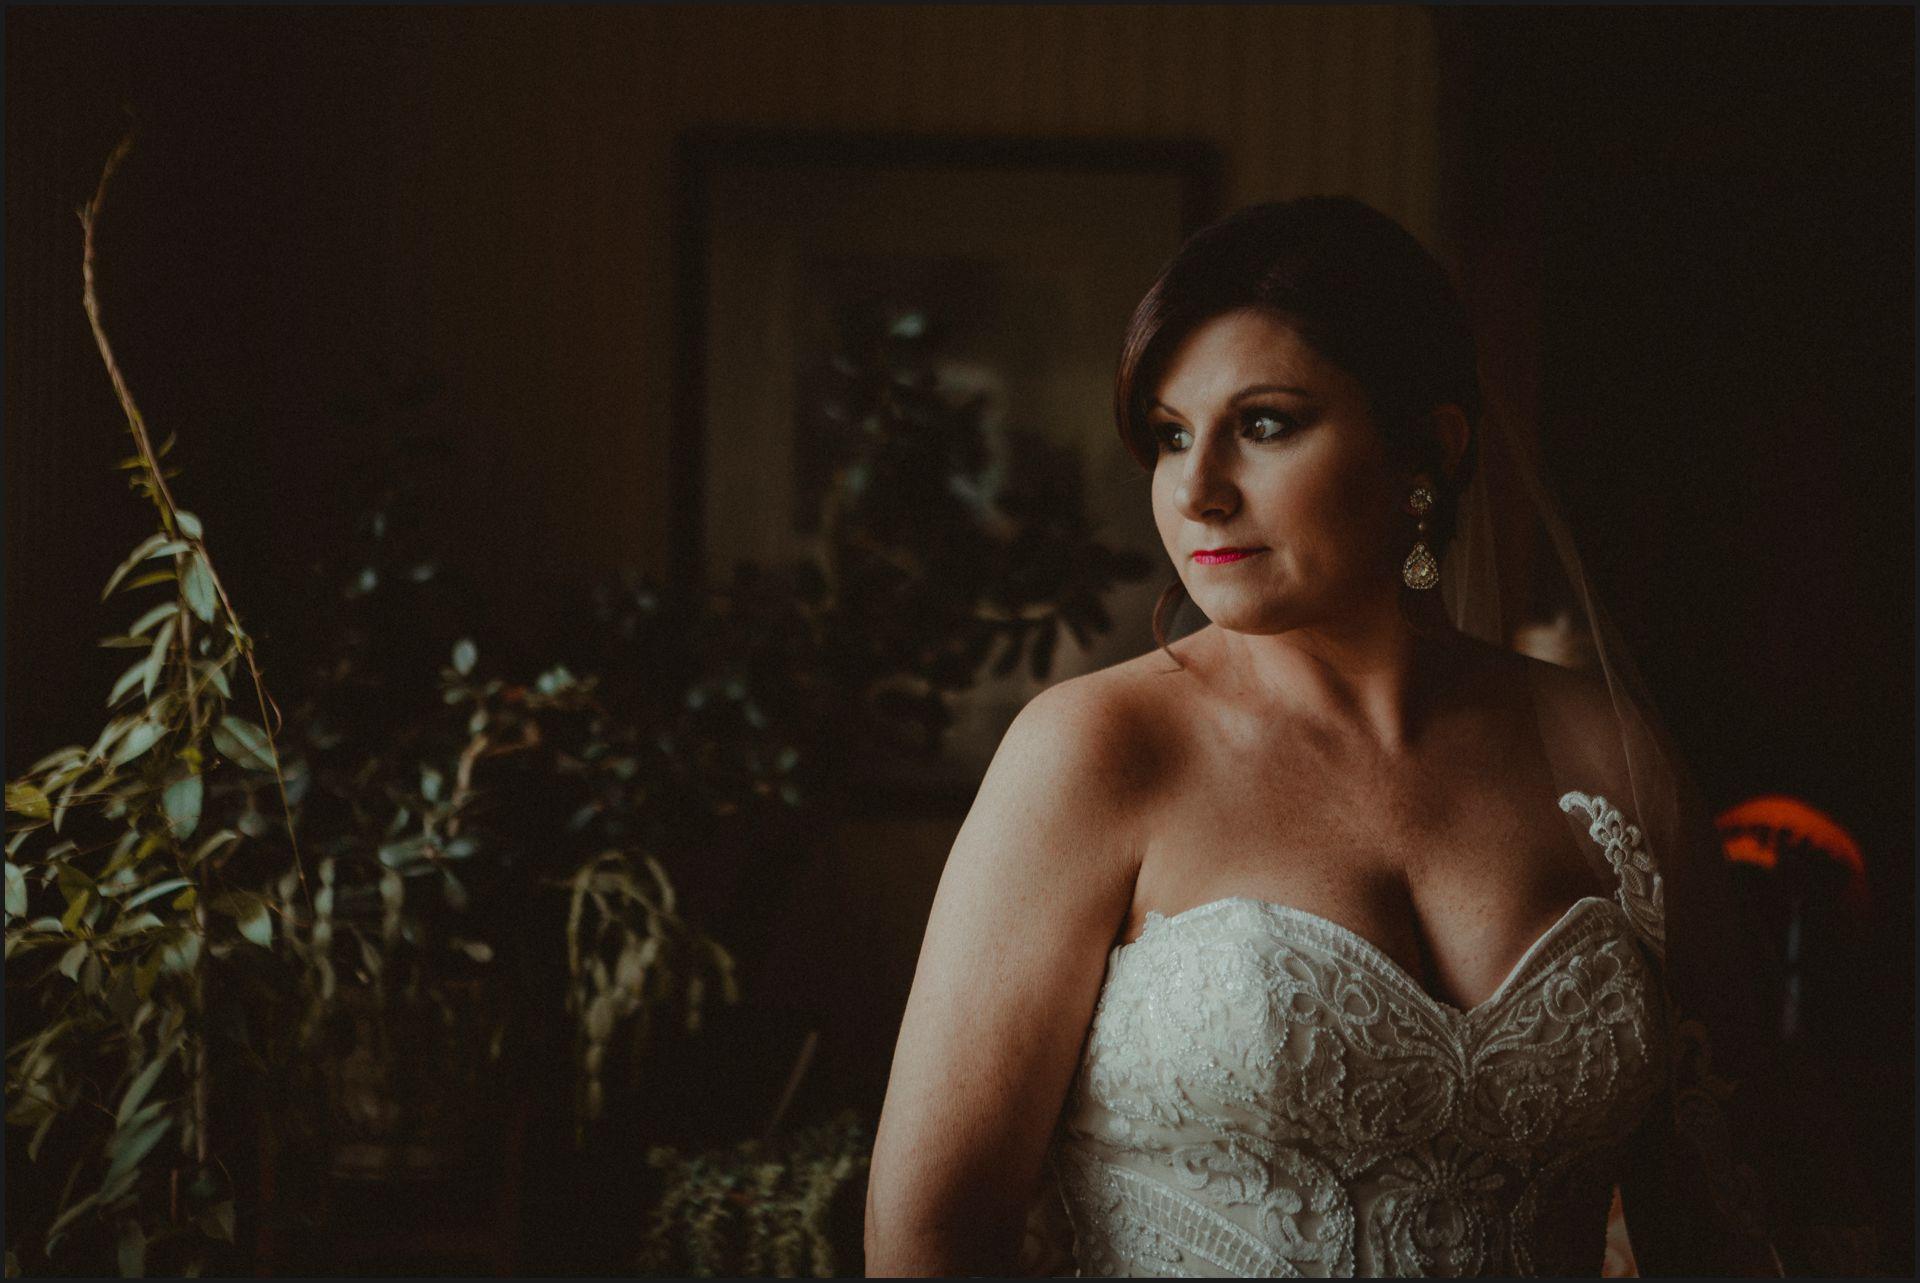 wedding in maine, bride portrait, wedding dress